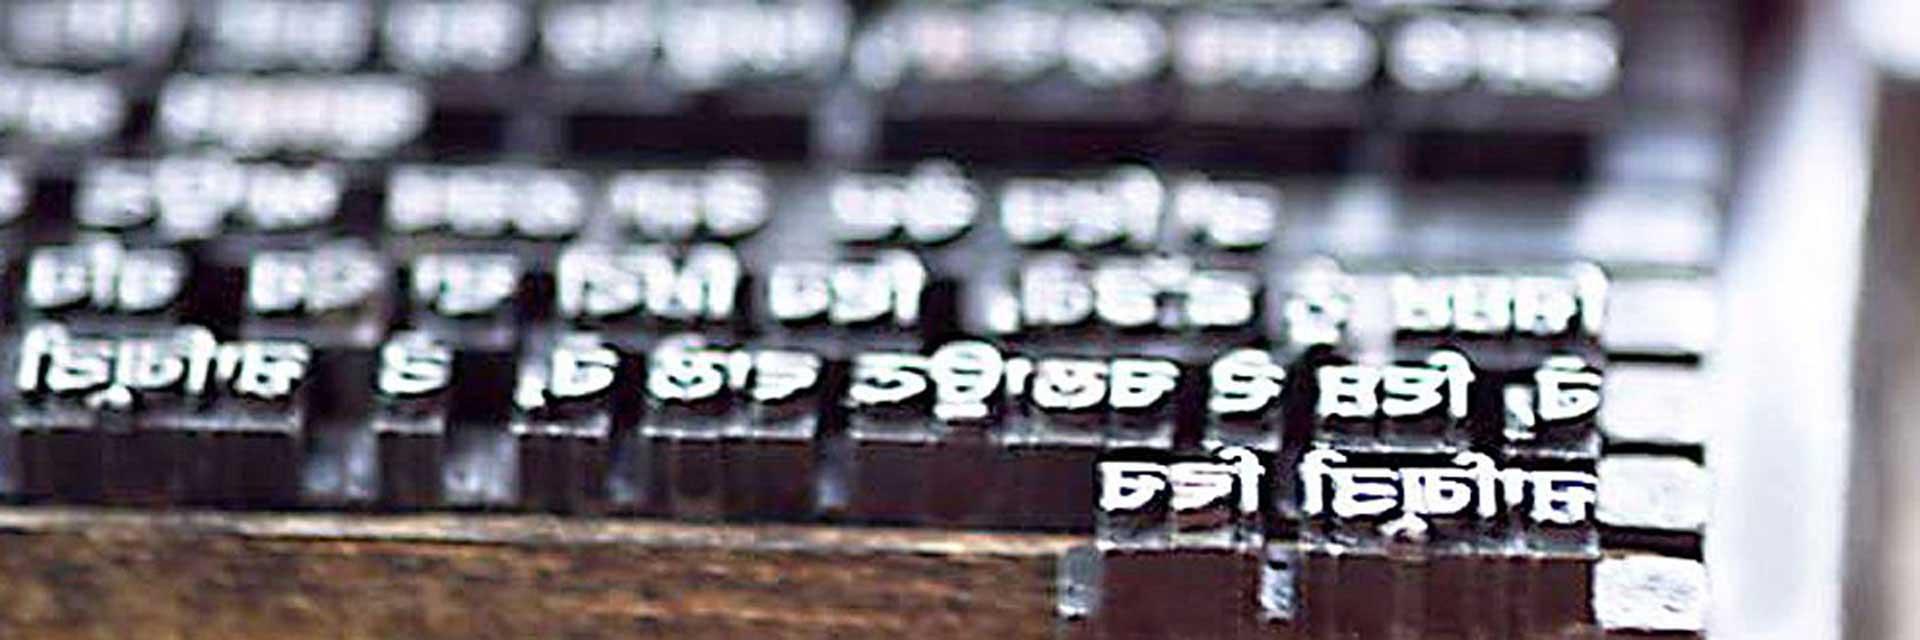 h-media-centre-01.jpg